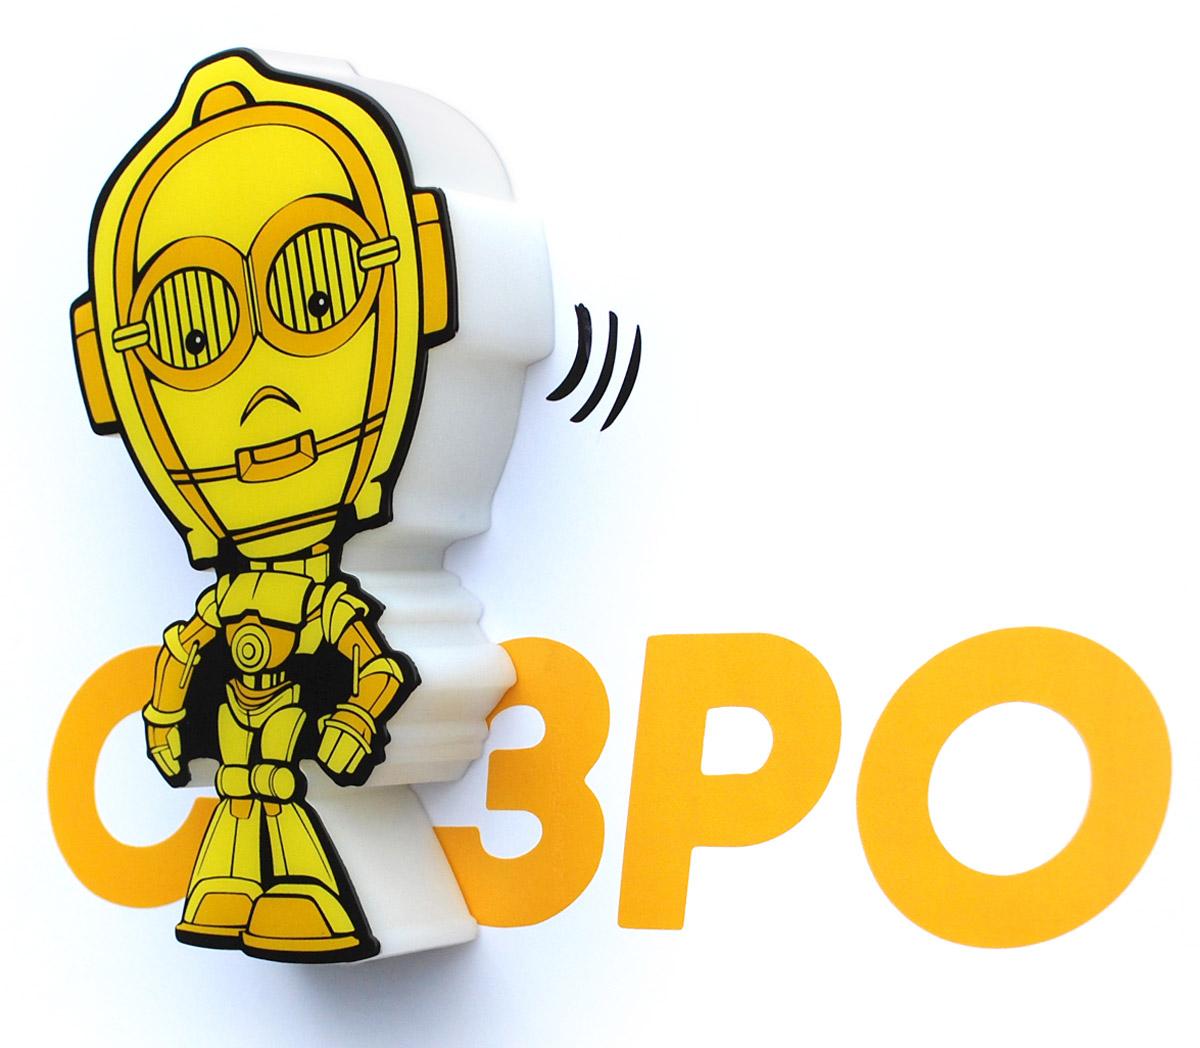 Star Wars Пробивной 3D мини-светильник C-3PO50011120Пробивной 3D мини-светильник Star Wars C-3PO обязательно понравится вашему ребенку.Особенности: Безопасный: без проводов, работает от батареек (2хААА, не входят в комплект);Не нагревается: всегда можно дотронуться до изделия;Реалистичный: 3D наклейка в комплекте;Фантастический: выглядит превосходно в любое время суток;Удобный: простая установка (автоматическое выключение через полчаса непрерывной работы).Товар предназначен для детей старше 3 лет. ВНИМАНИЕ! Содержит мелкие детали, использовать под непосредственным наблюдением взрослых.